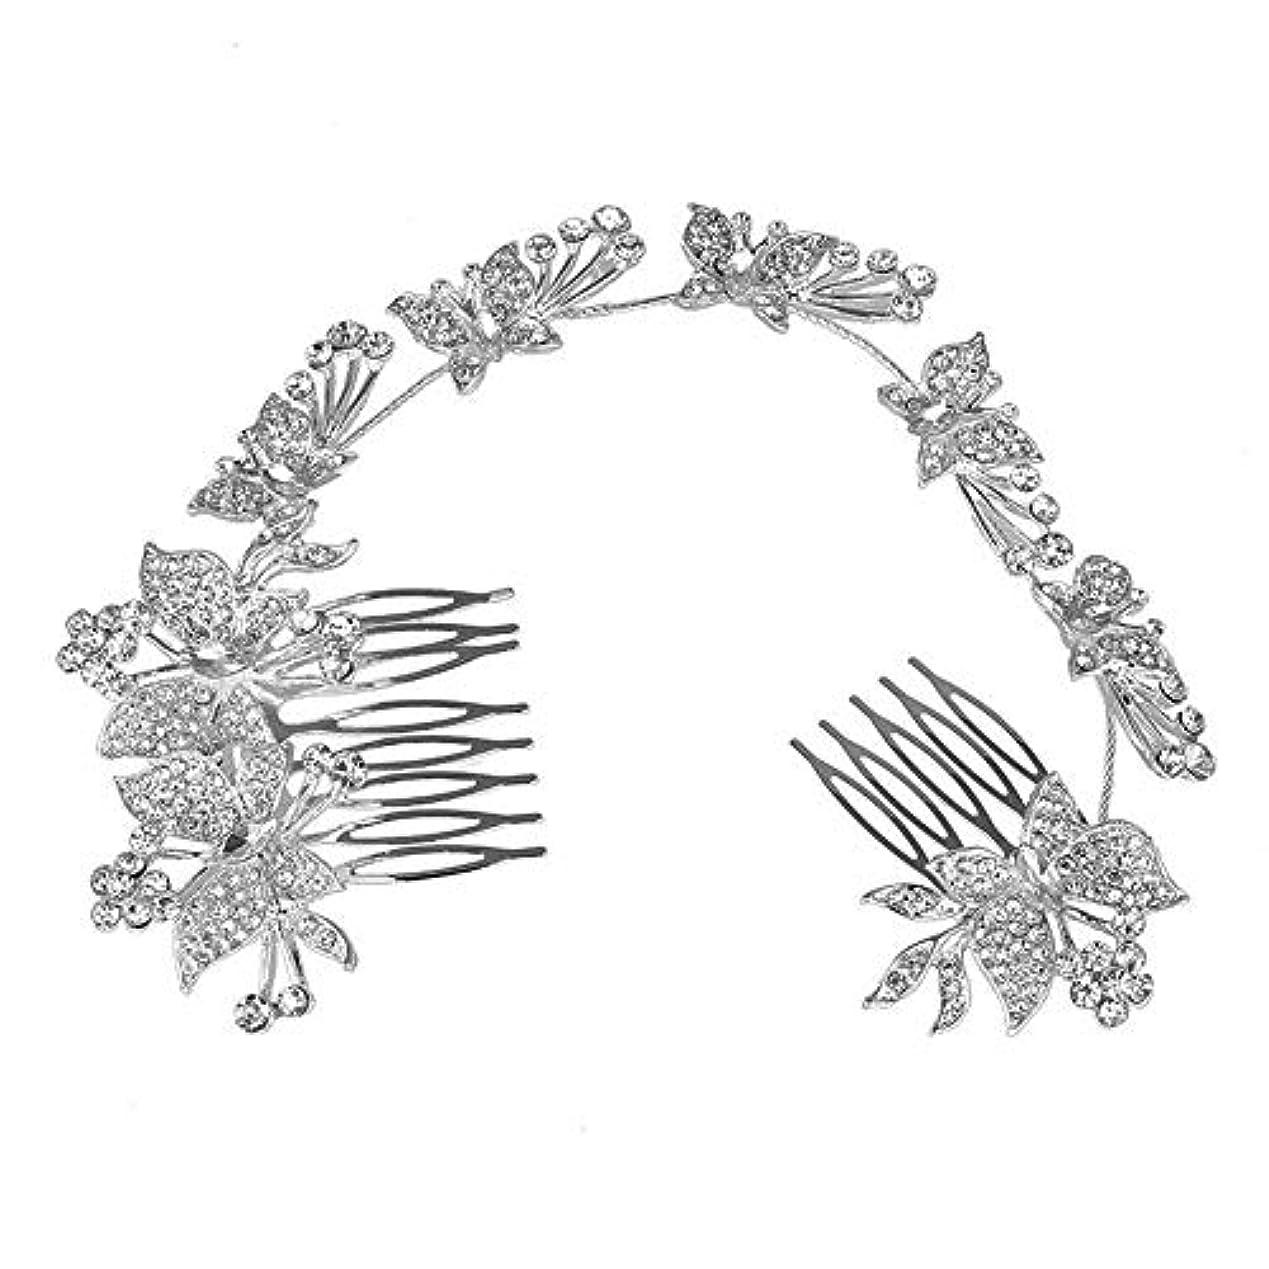 ペチコート座標簡単に髪の櫛、櫛、蝶、髪の櫛、ブライダル髪の櫛、結婚式の髪の櫛、ラインストーンの櫛、ヘッドギア